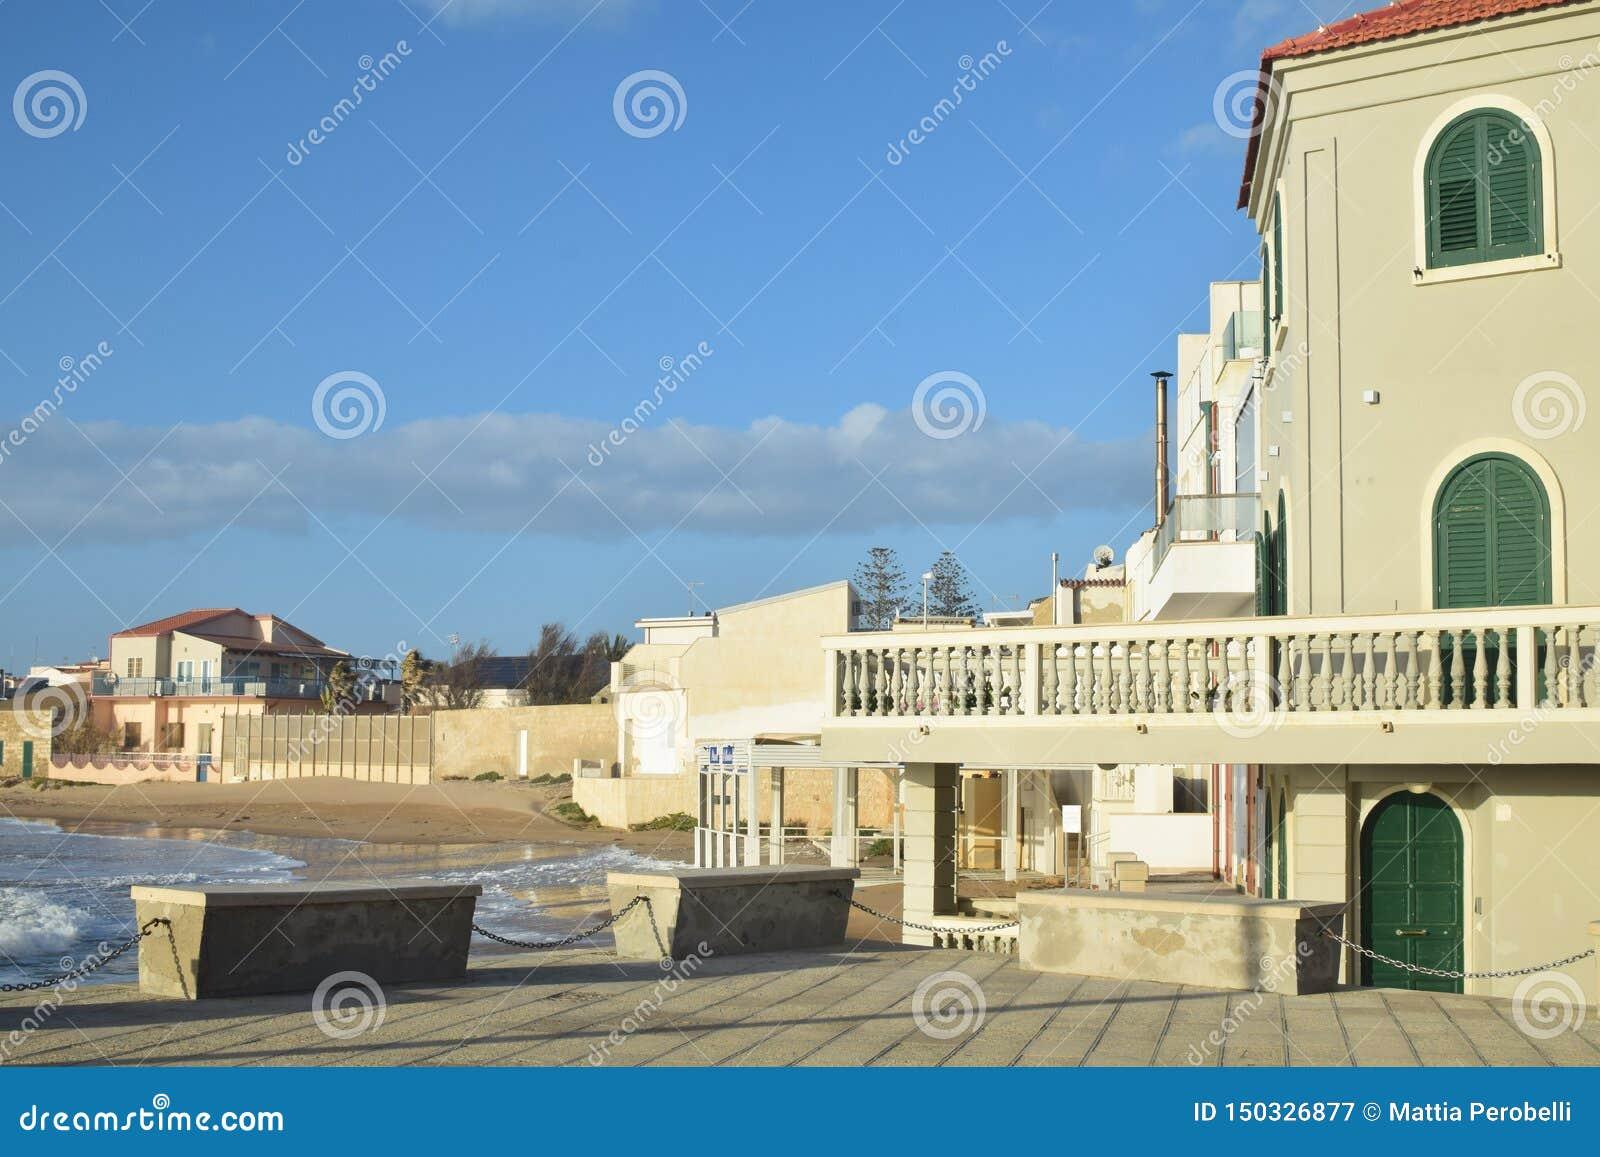 montalbano de la casa punta secca sicilia italia estamos en ciudad comisi%C3%B3n famosa del escritor camilleri vemos t%C3%ADpica lugar con 150326877